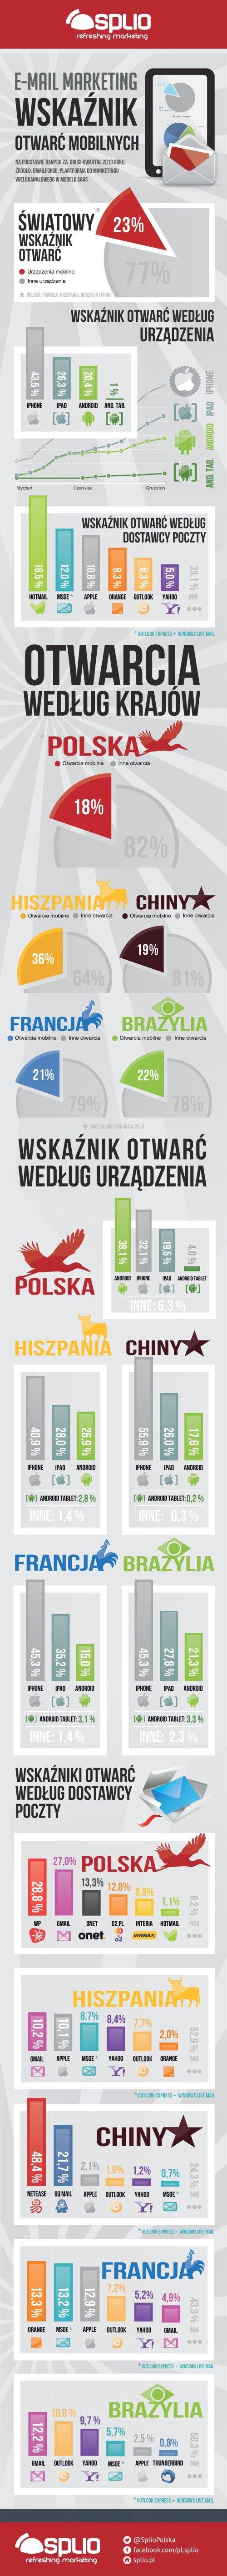 E-mail marketing: wskaźnik otwarć mobilnych - infografika - NowyMarketing - Where's the beef?